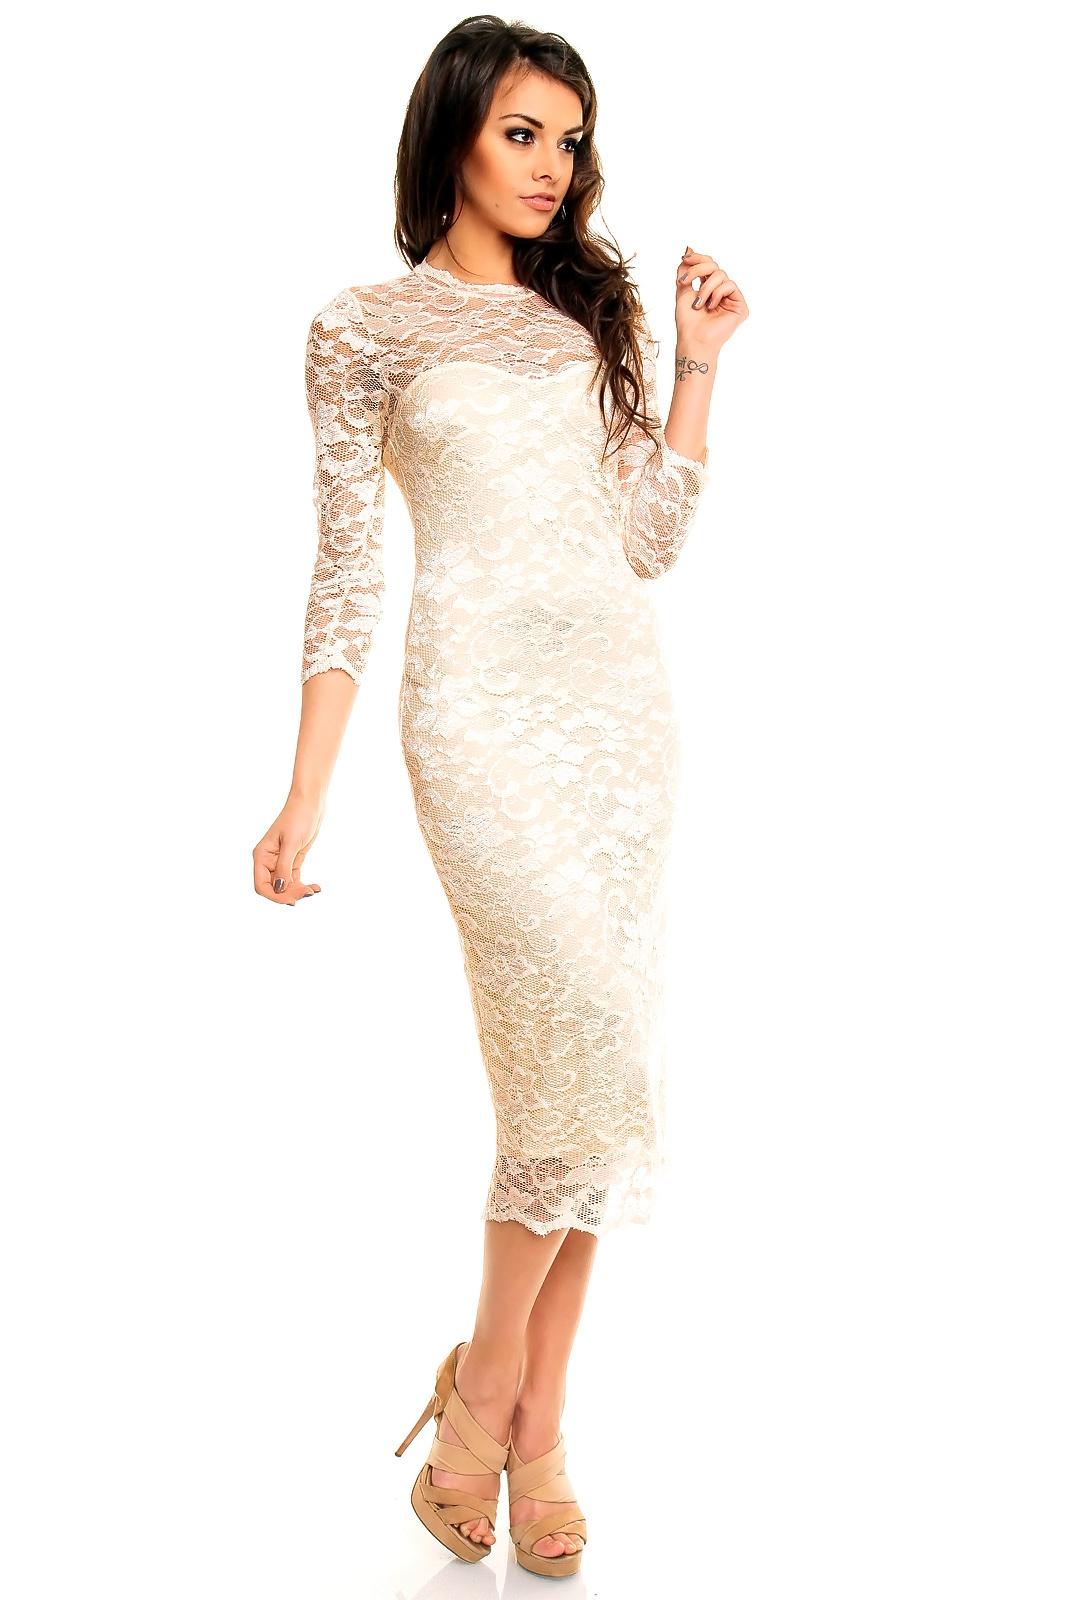 Бежевое платье может хорошо подойти для венчания